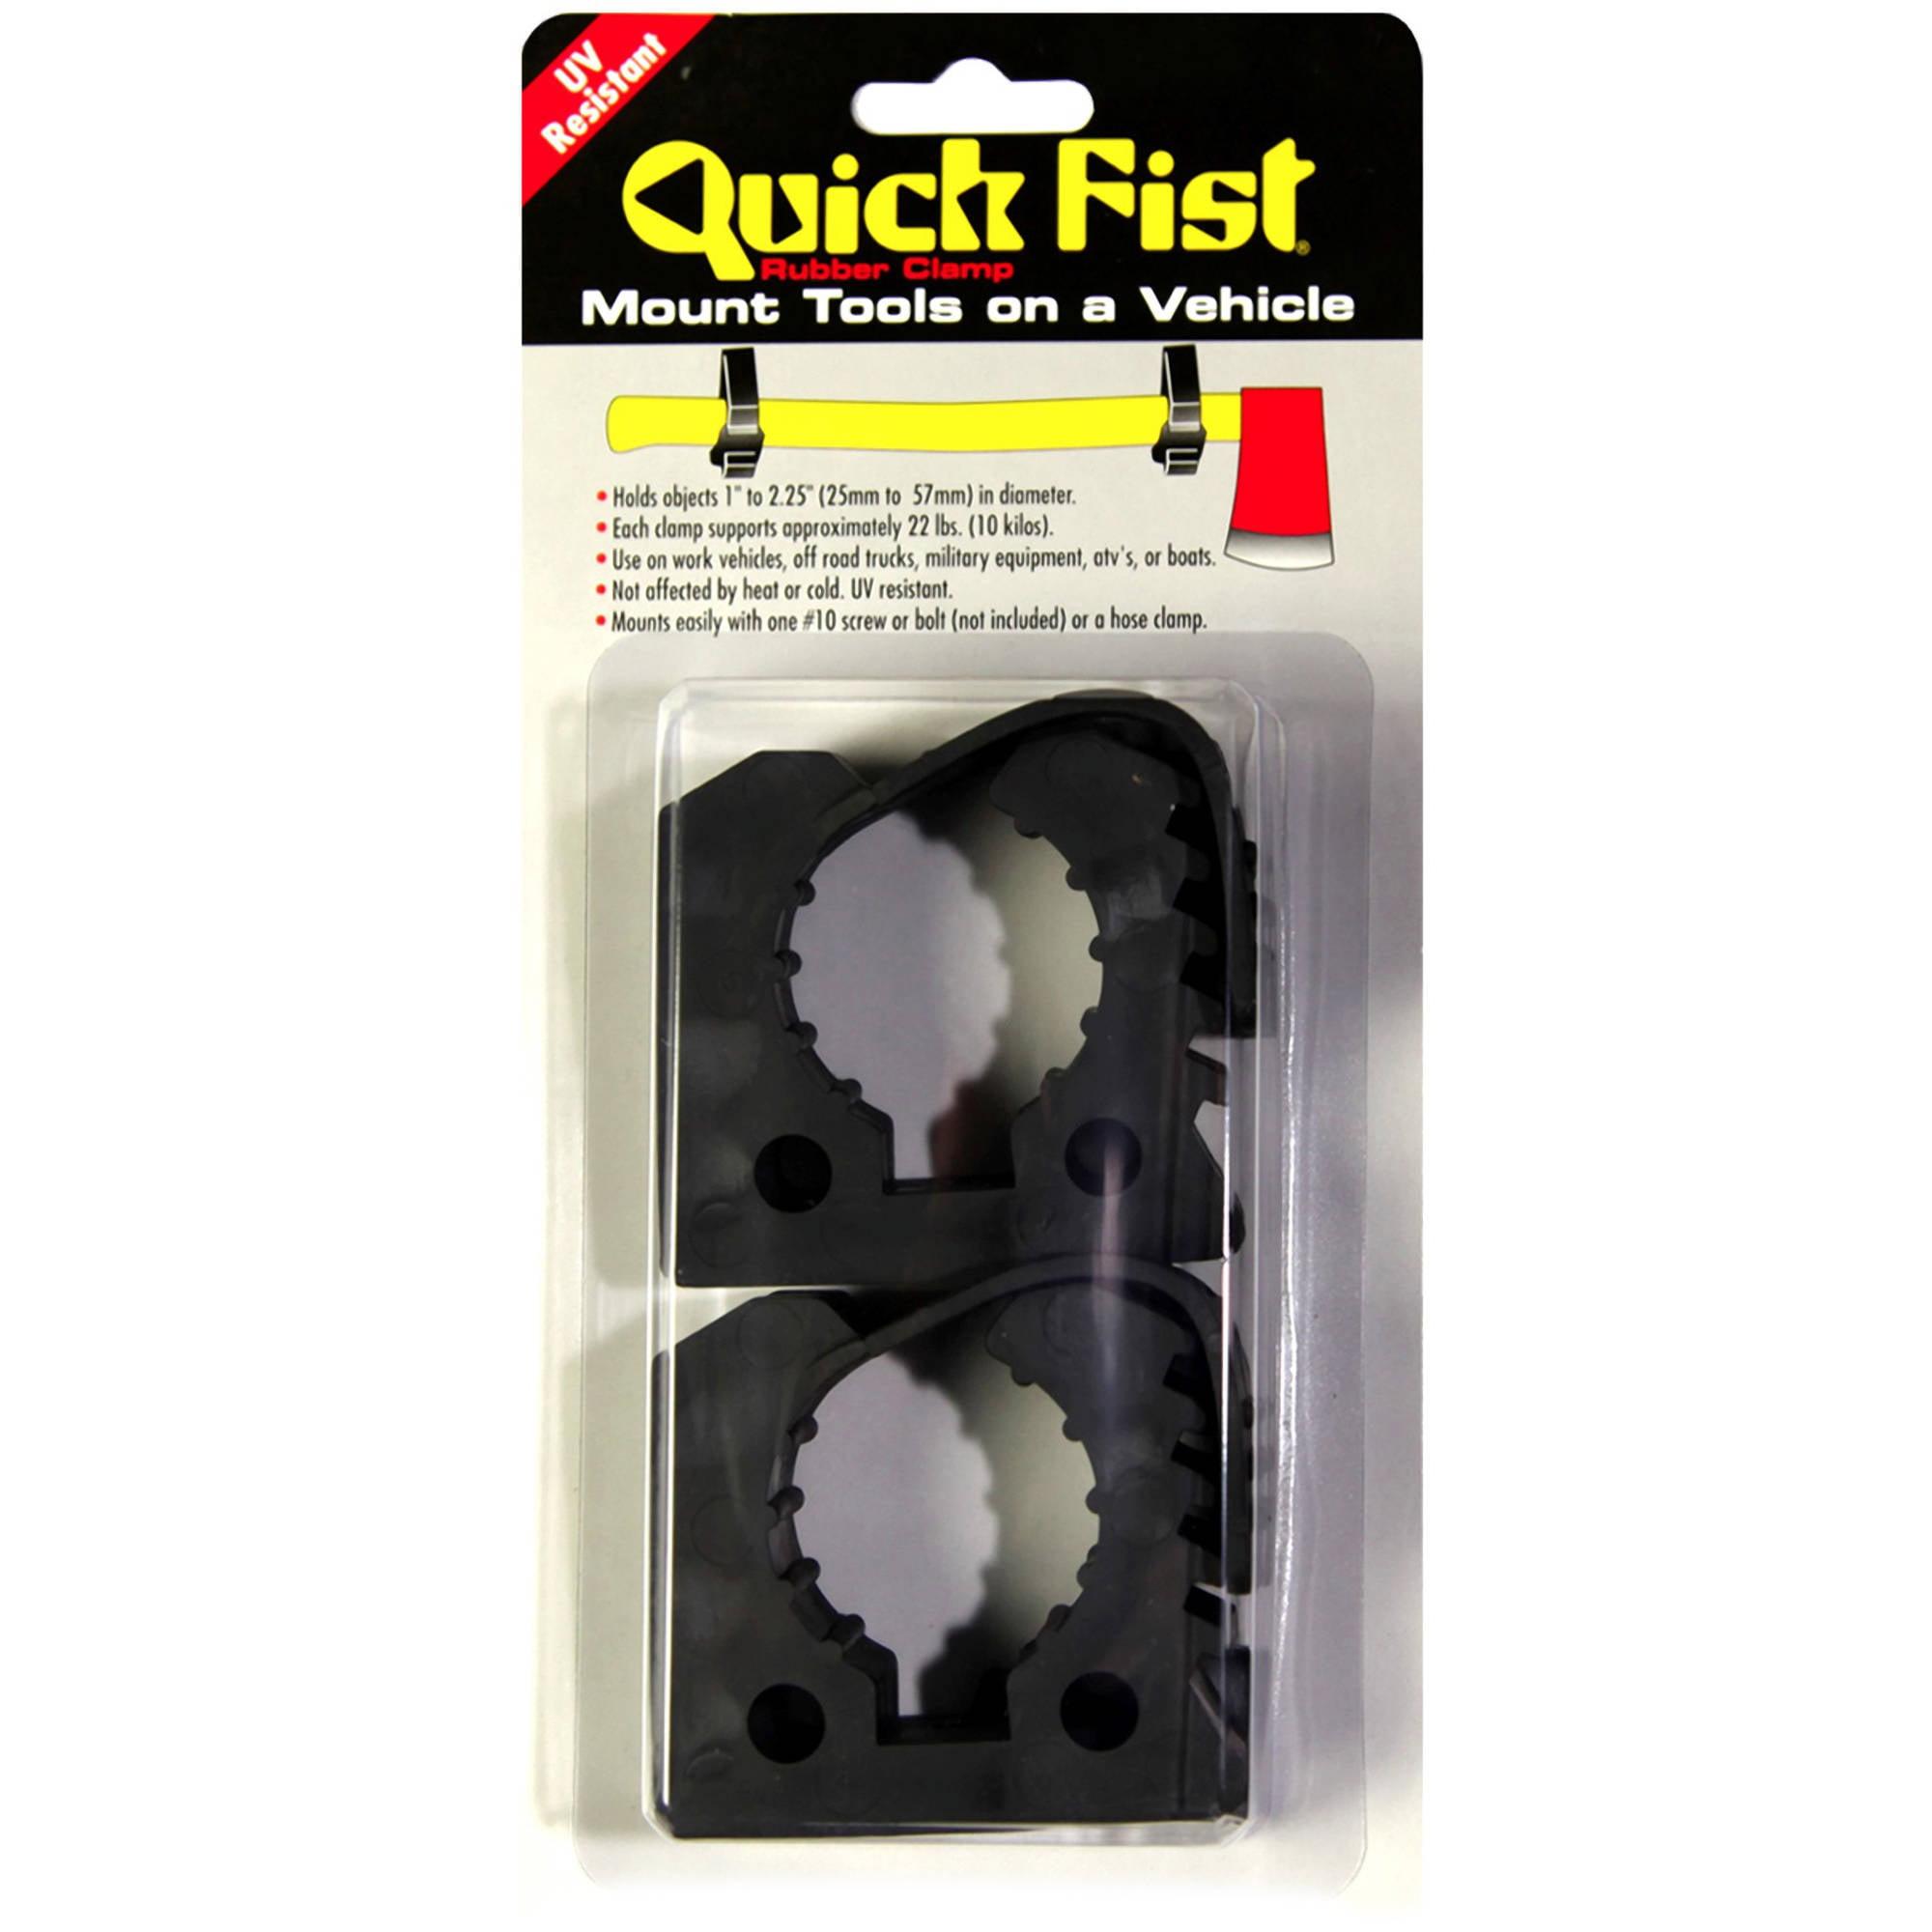 Original QUICK FIST Clamps - #10010